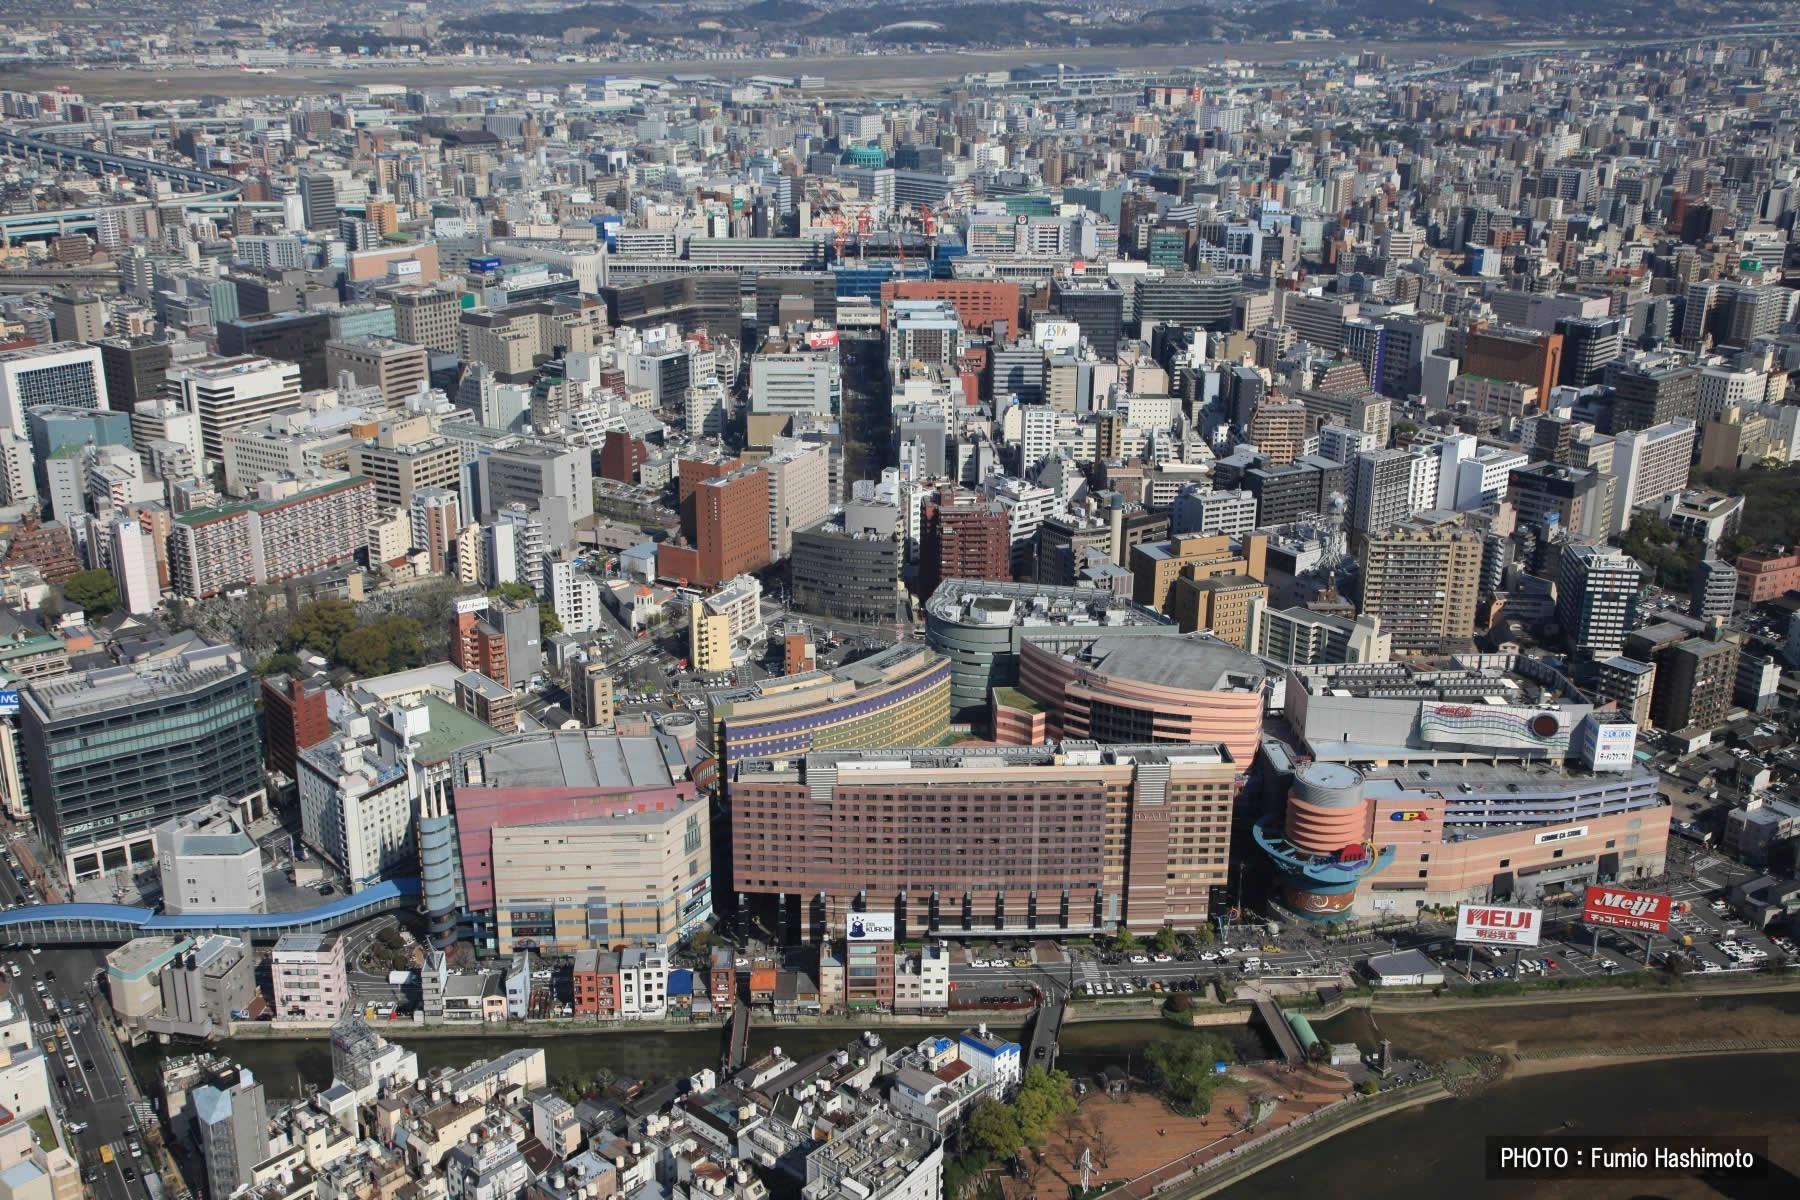 キャナルシティ上空(2009)の画像